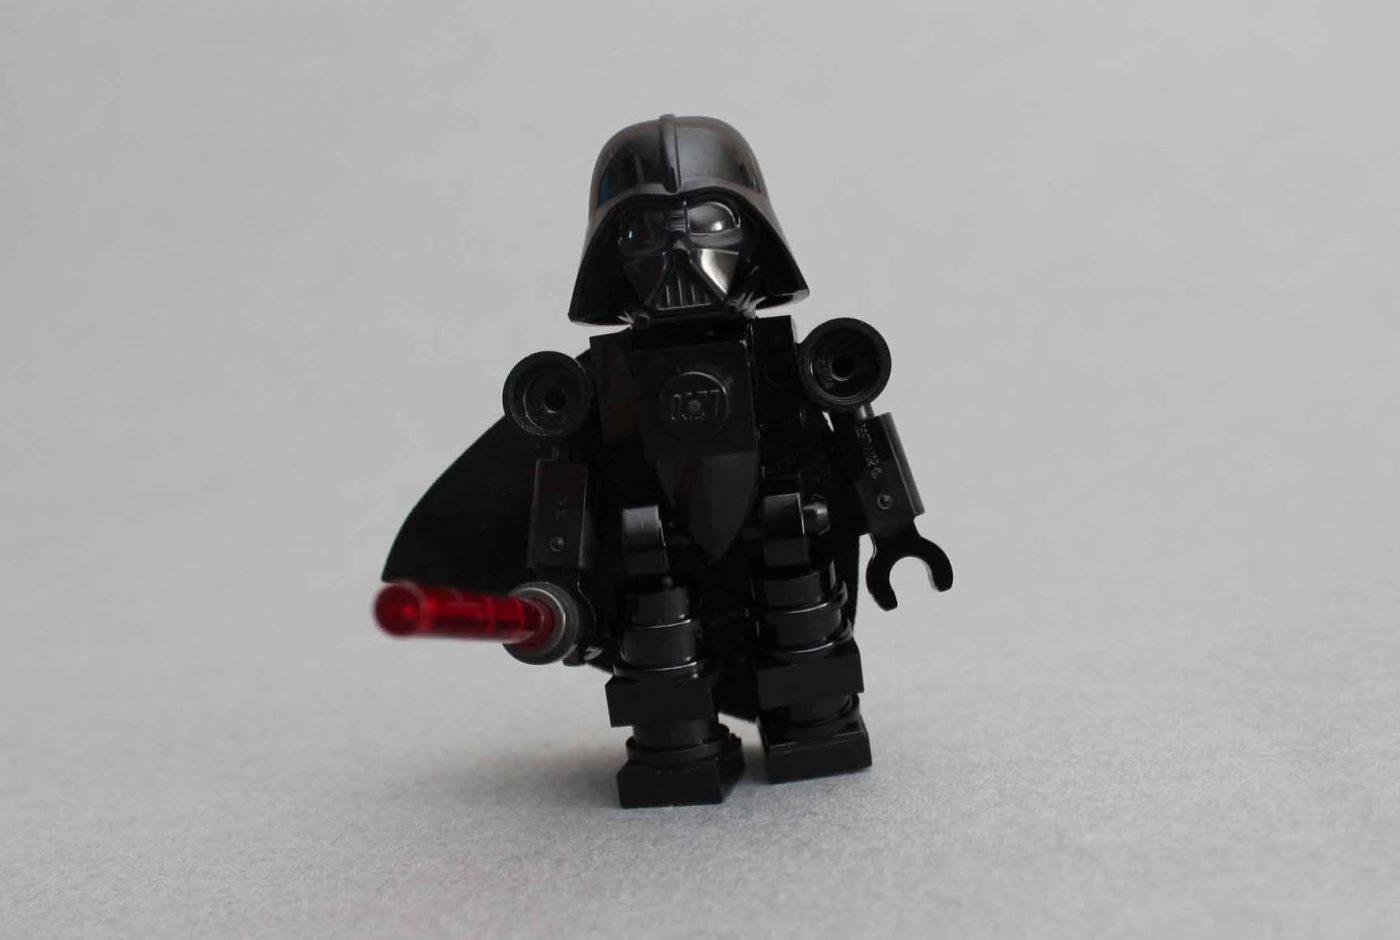 Darth Vader Step 7